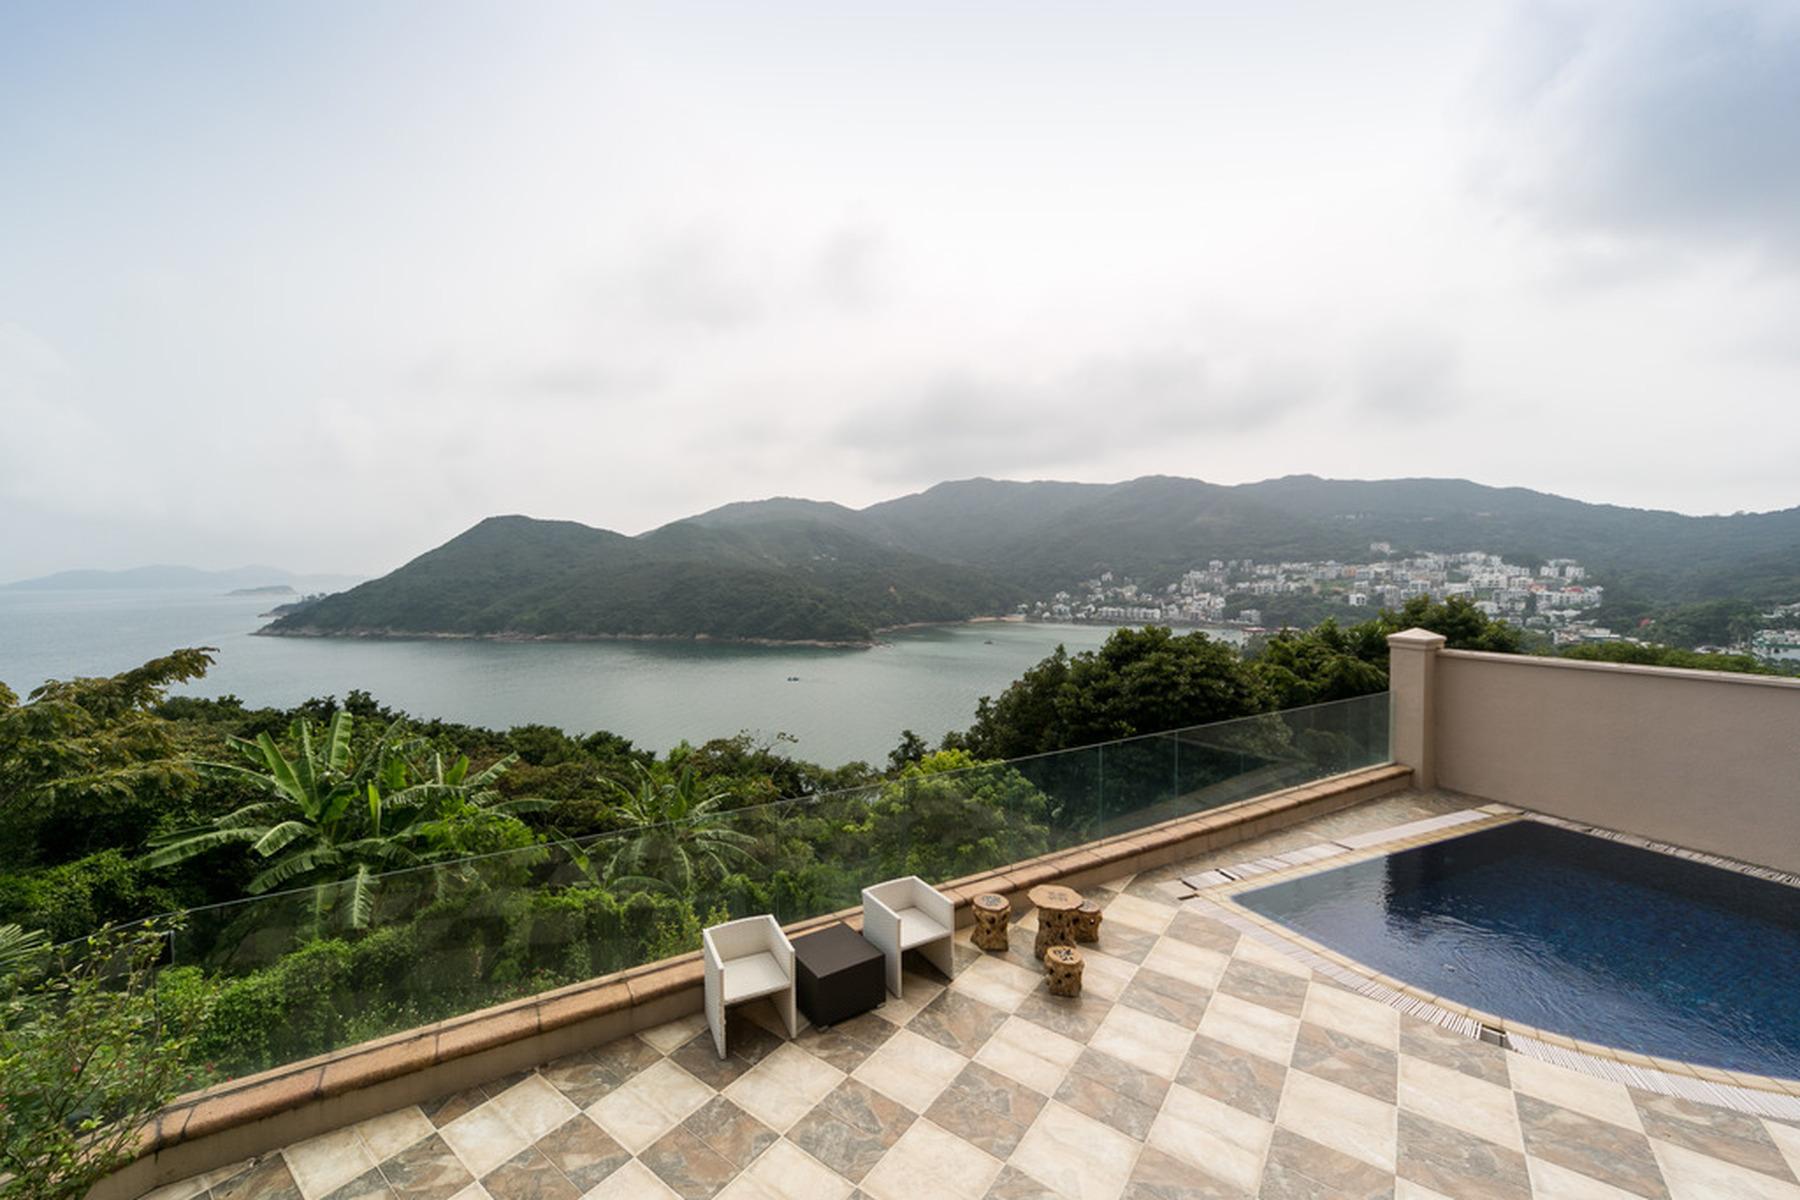 타운하우스 용 매매 에 Portofino - Town House Clear Water Bay, 홍콩